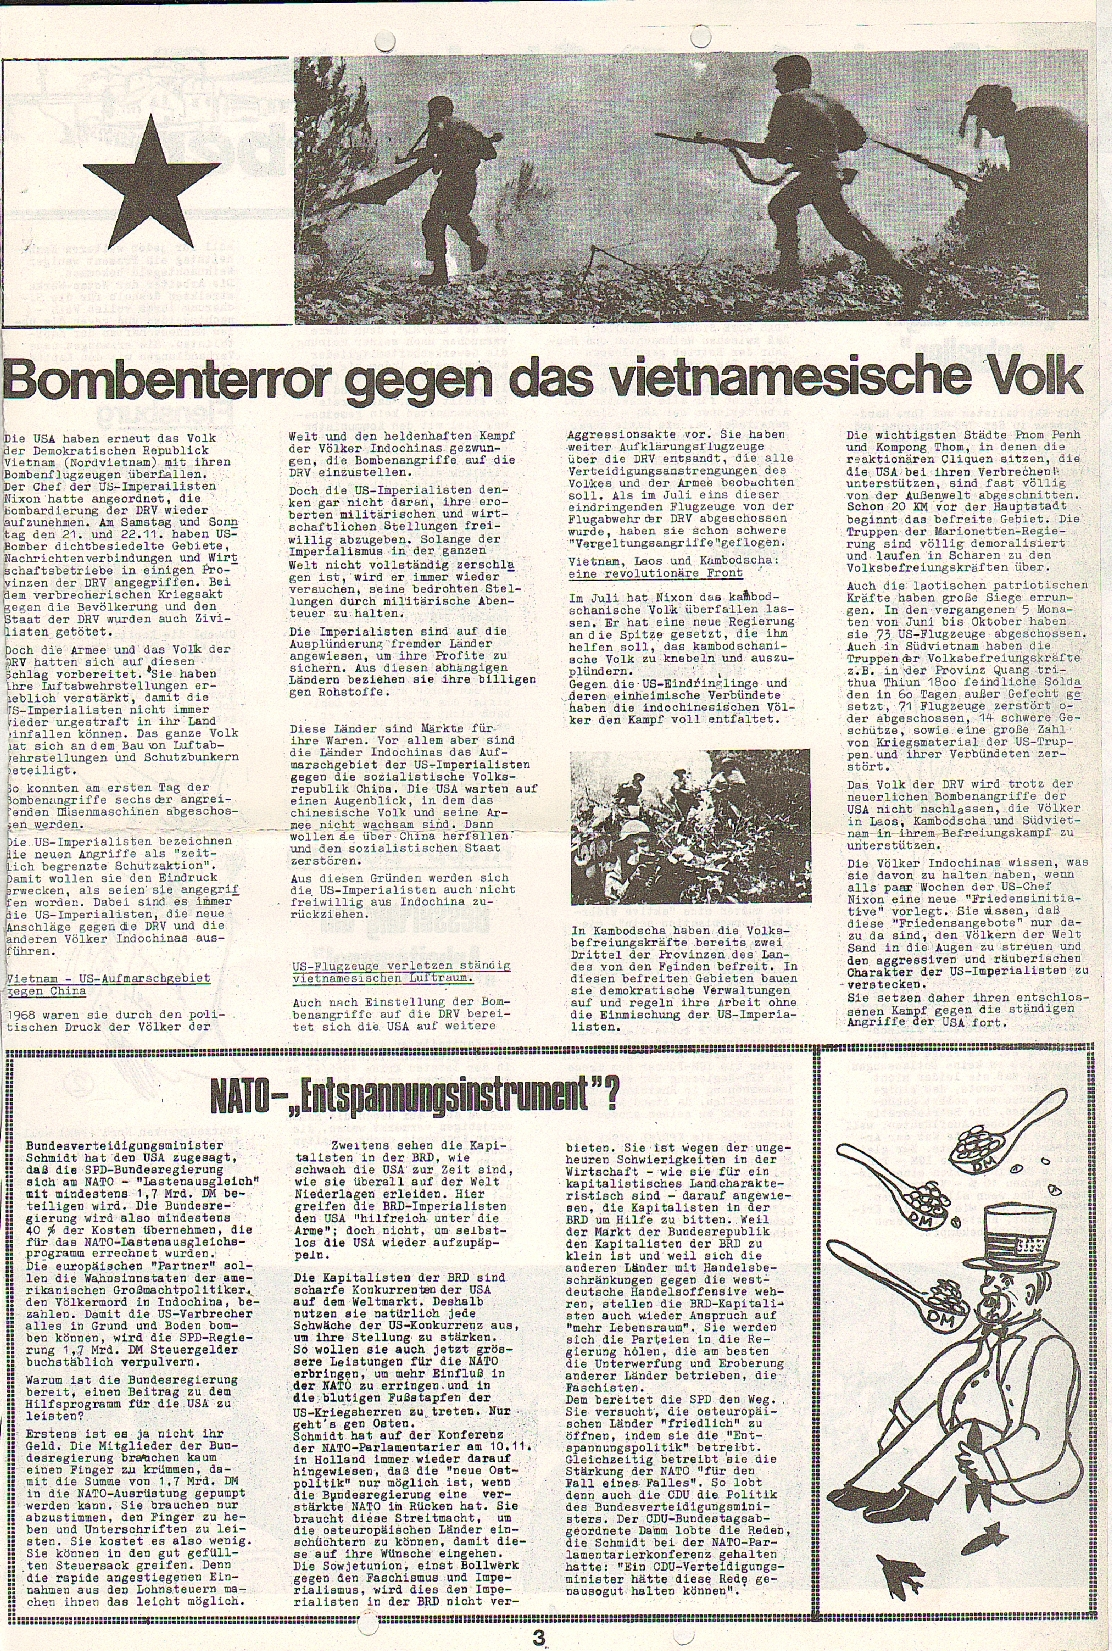 Rote Fahne, 1. Jg., 7.12.1970, Nr. 5, Seite 3